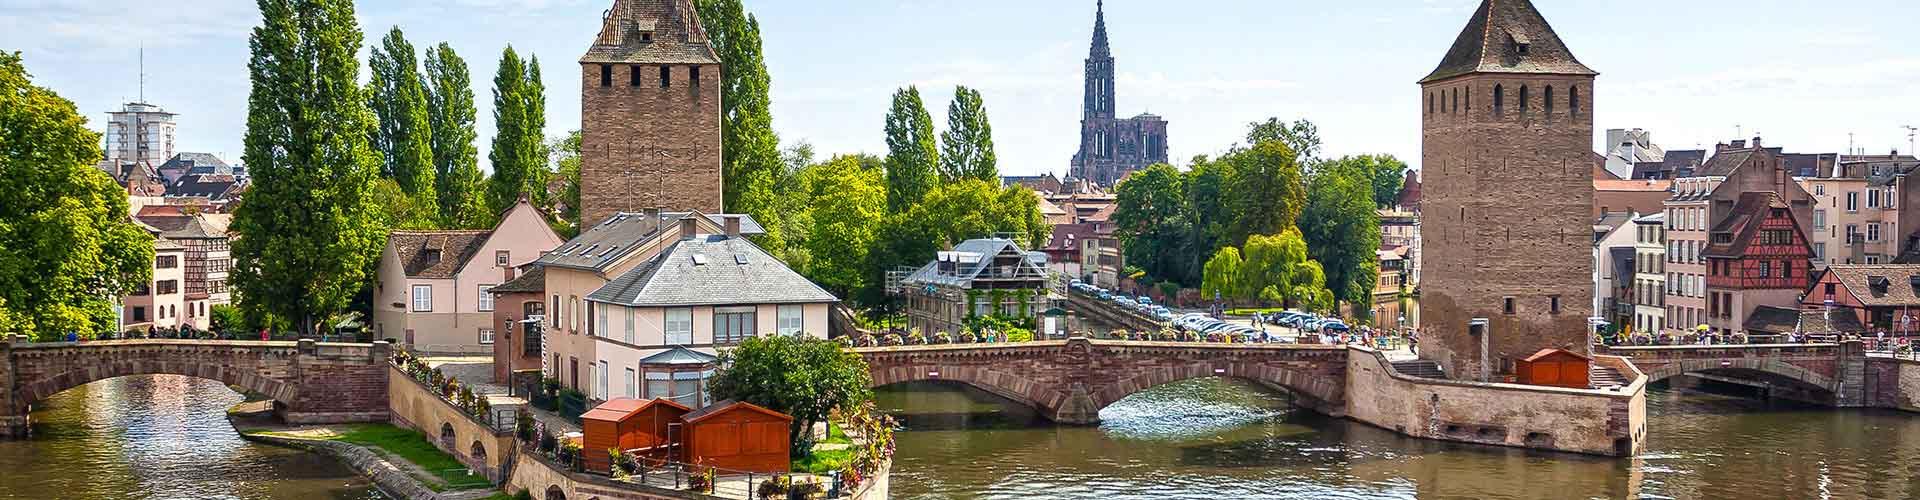 Estrasburgo - Habitaciones en el distrito Corte / Estación / Porte de Schirmeck. Mapas de Estrasburgo, Fotos y comentarios de cada Habitación en Estrasburgo.